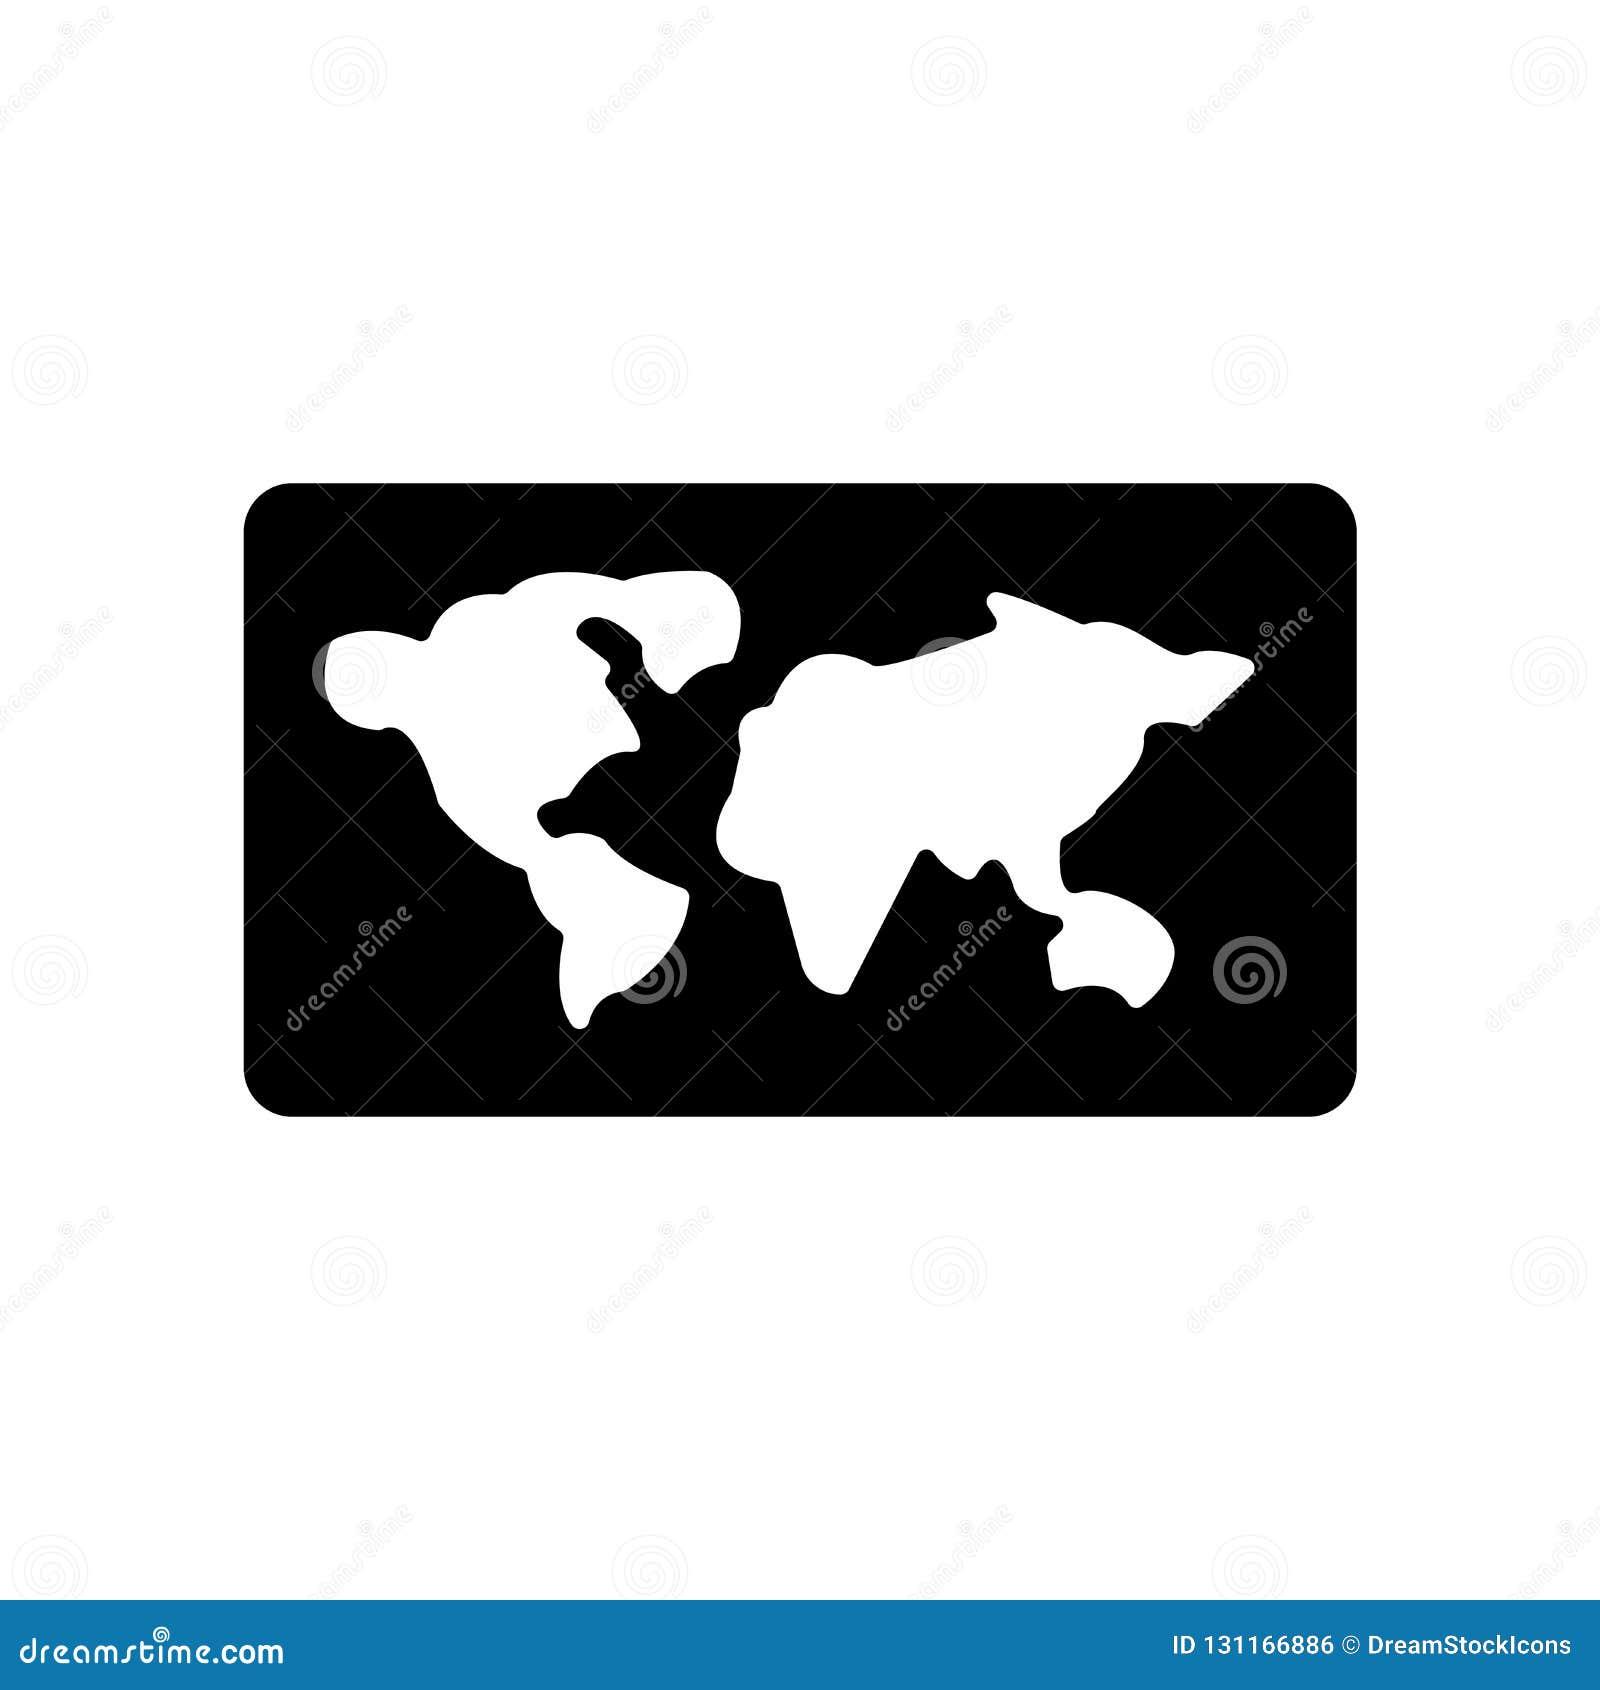 Παγκόσμιο διπλωμένο χάρτης εικονίδιο Καθιερώνουσα τη μόδα έννοια παγκόσμιων διπλωμένη χάρτης λογότυπων στο W